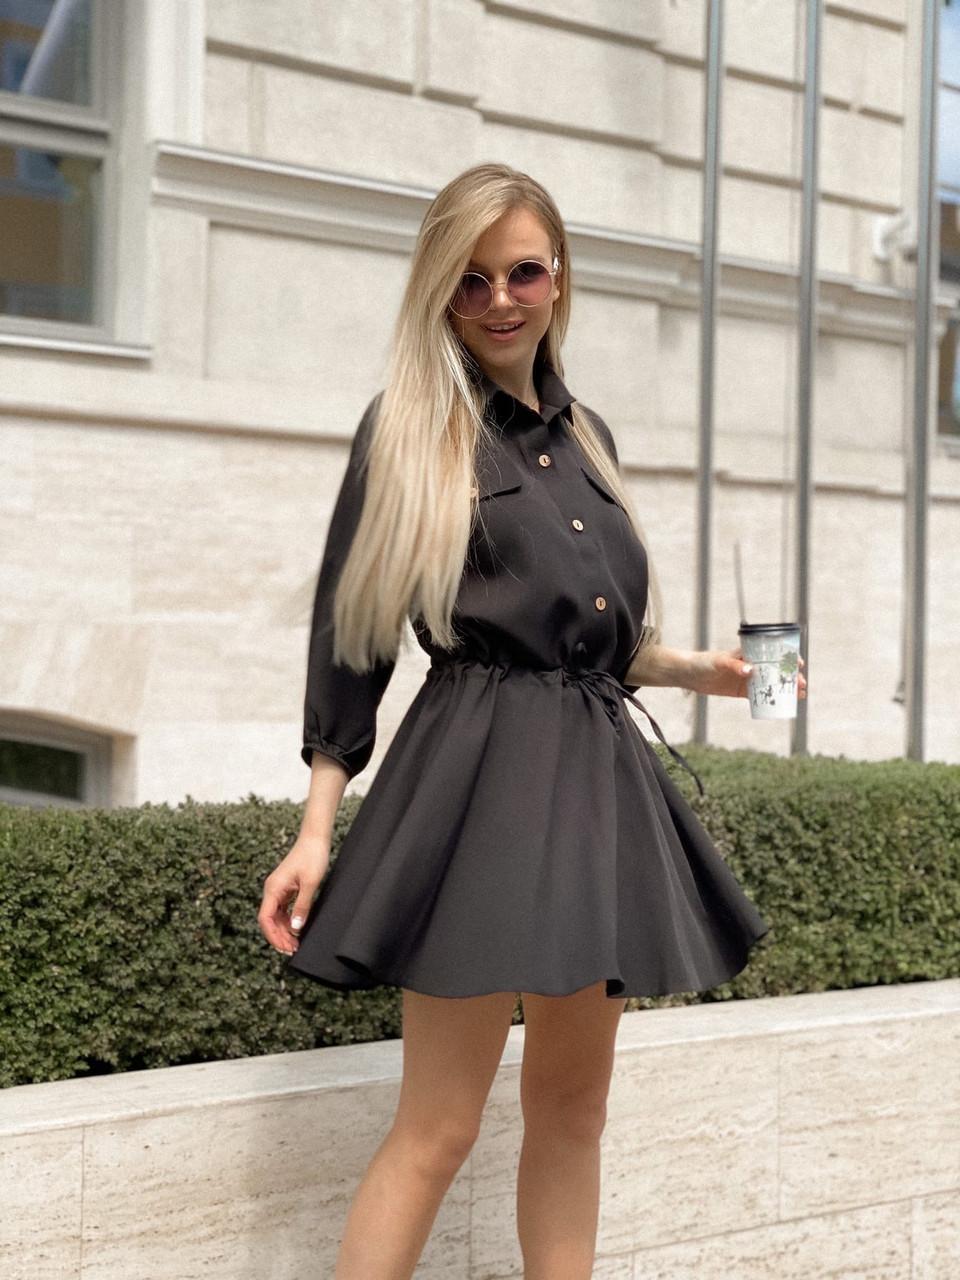 Легке літнє жіноче плаття, рукав ліхтарик ¾, спідниця кльош, 00765 (Чорний), Розмір 44 (M)